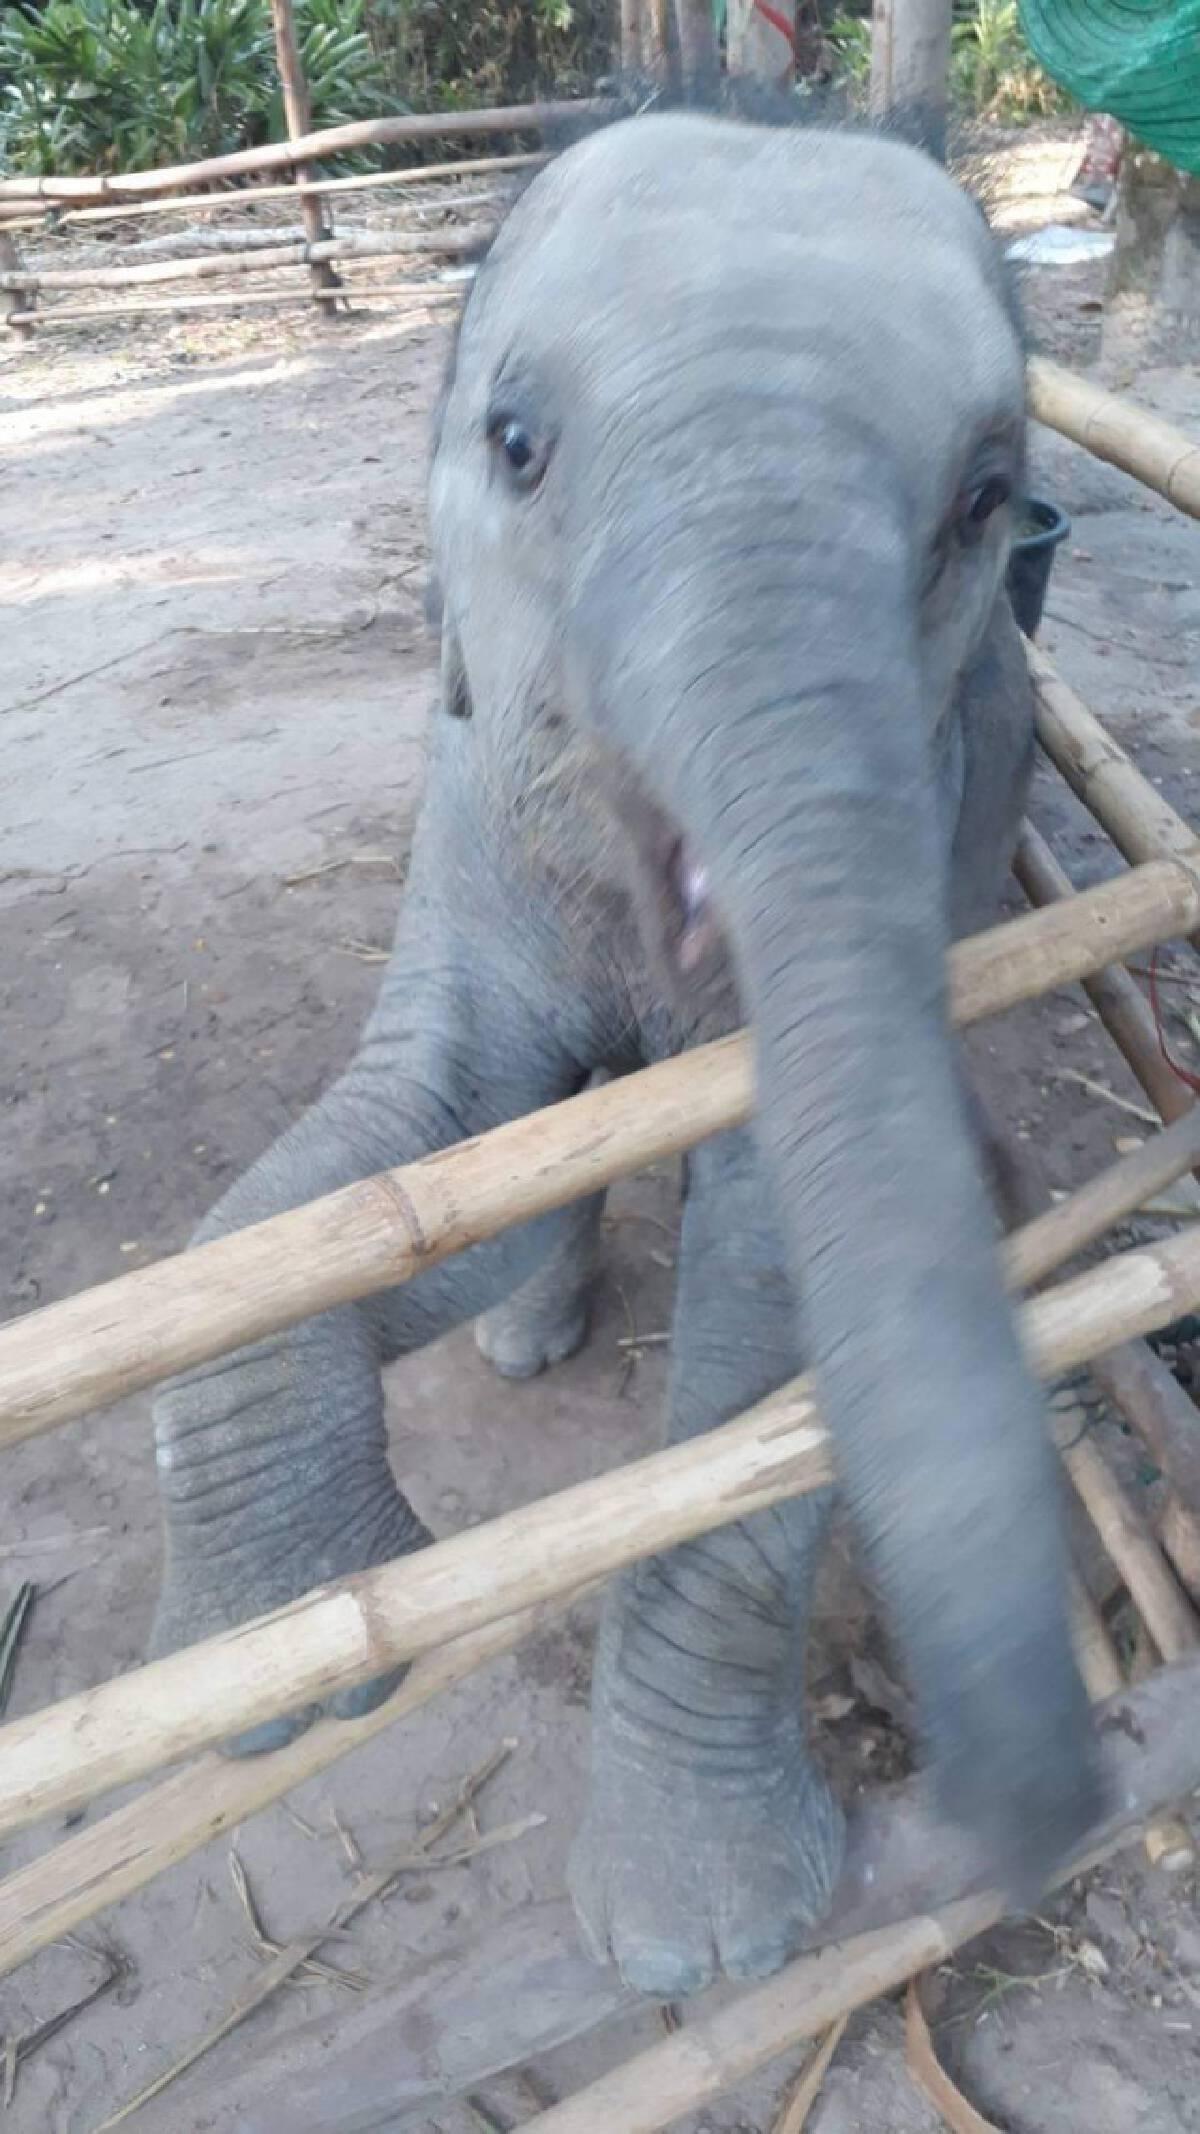 ลูกช้าง ชบาแก้ว มีอาการตาข้างซ้ายบวมแดง